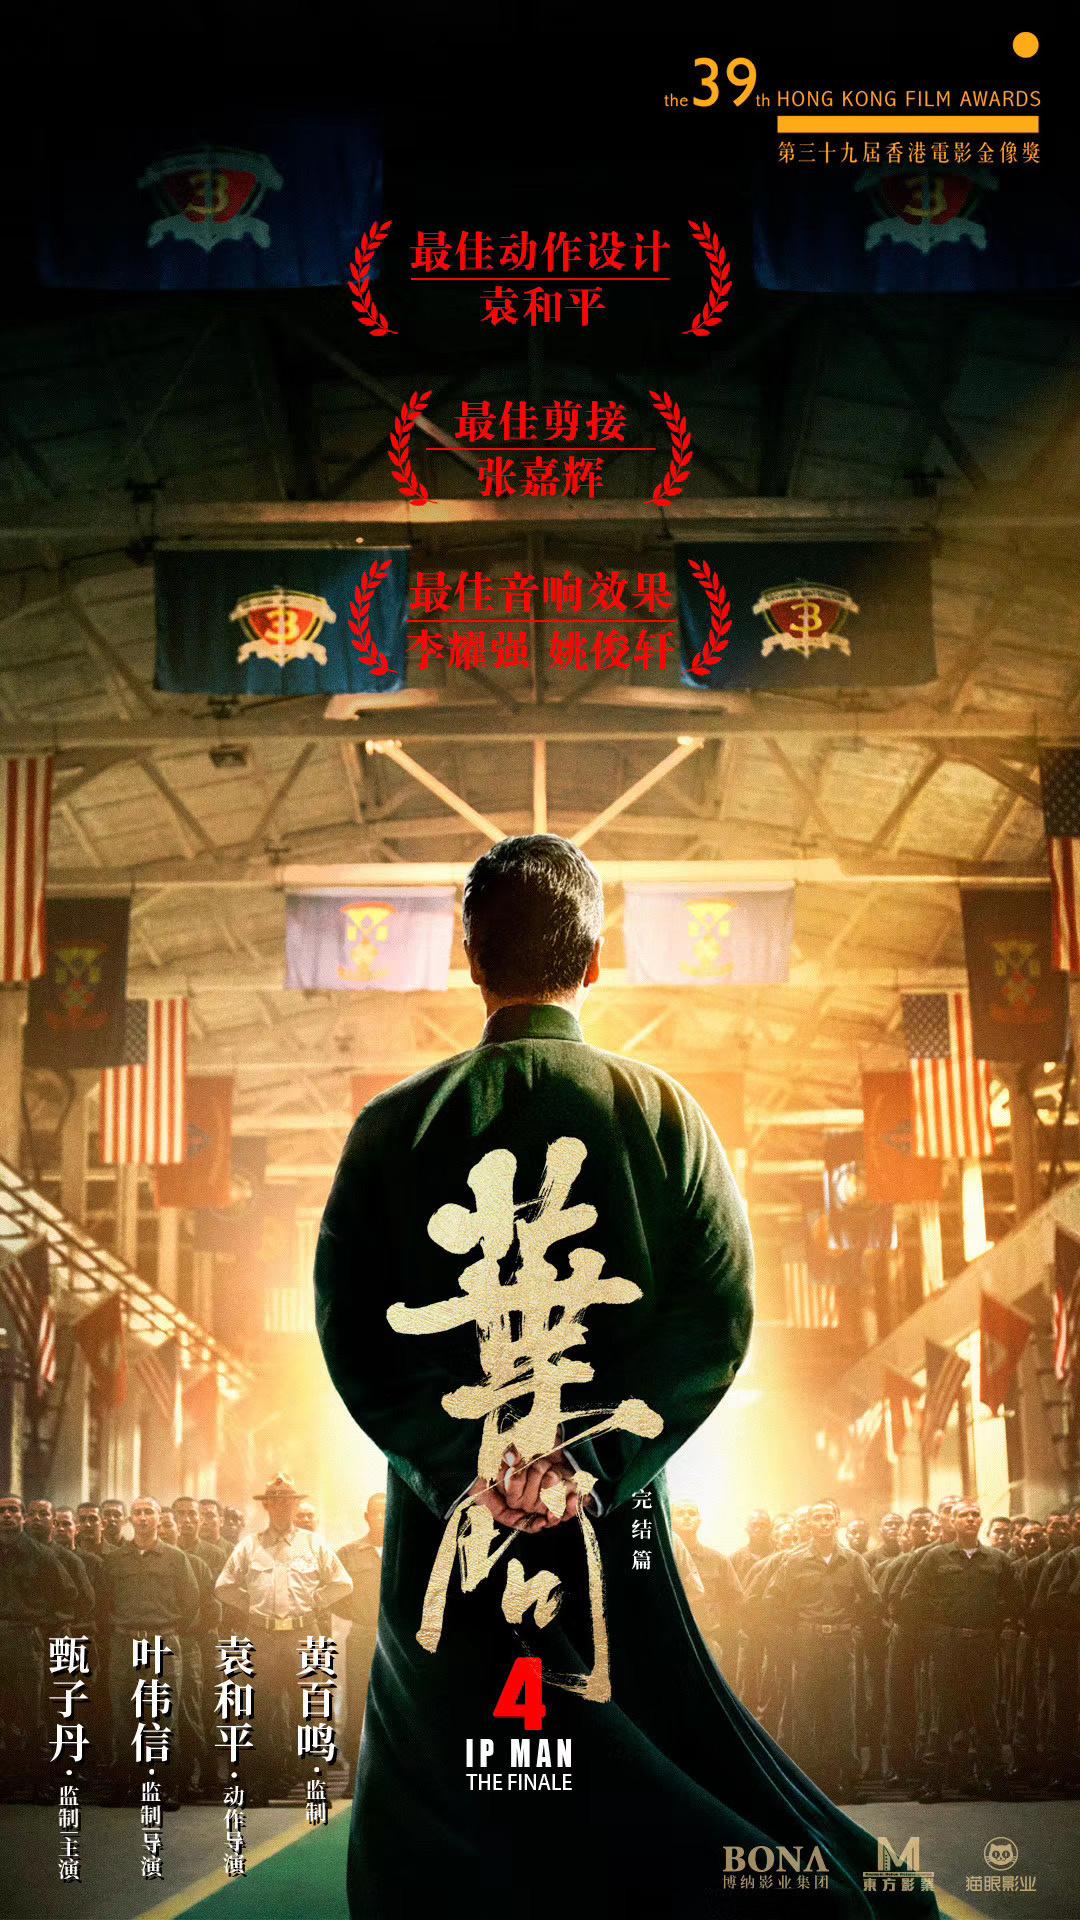 镇江旅游景点:第39届金像奖揭晓 《少年的你》获8奖成最大赢家 第4张